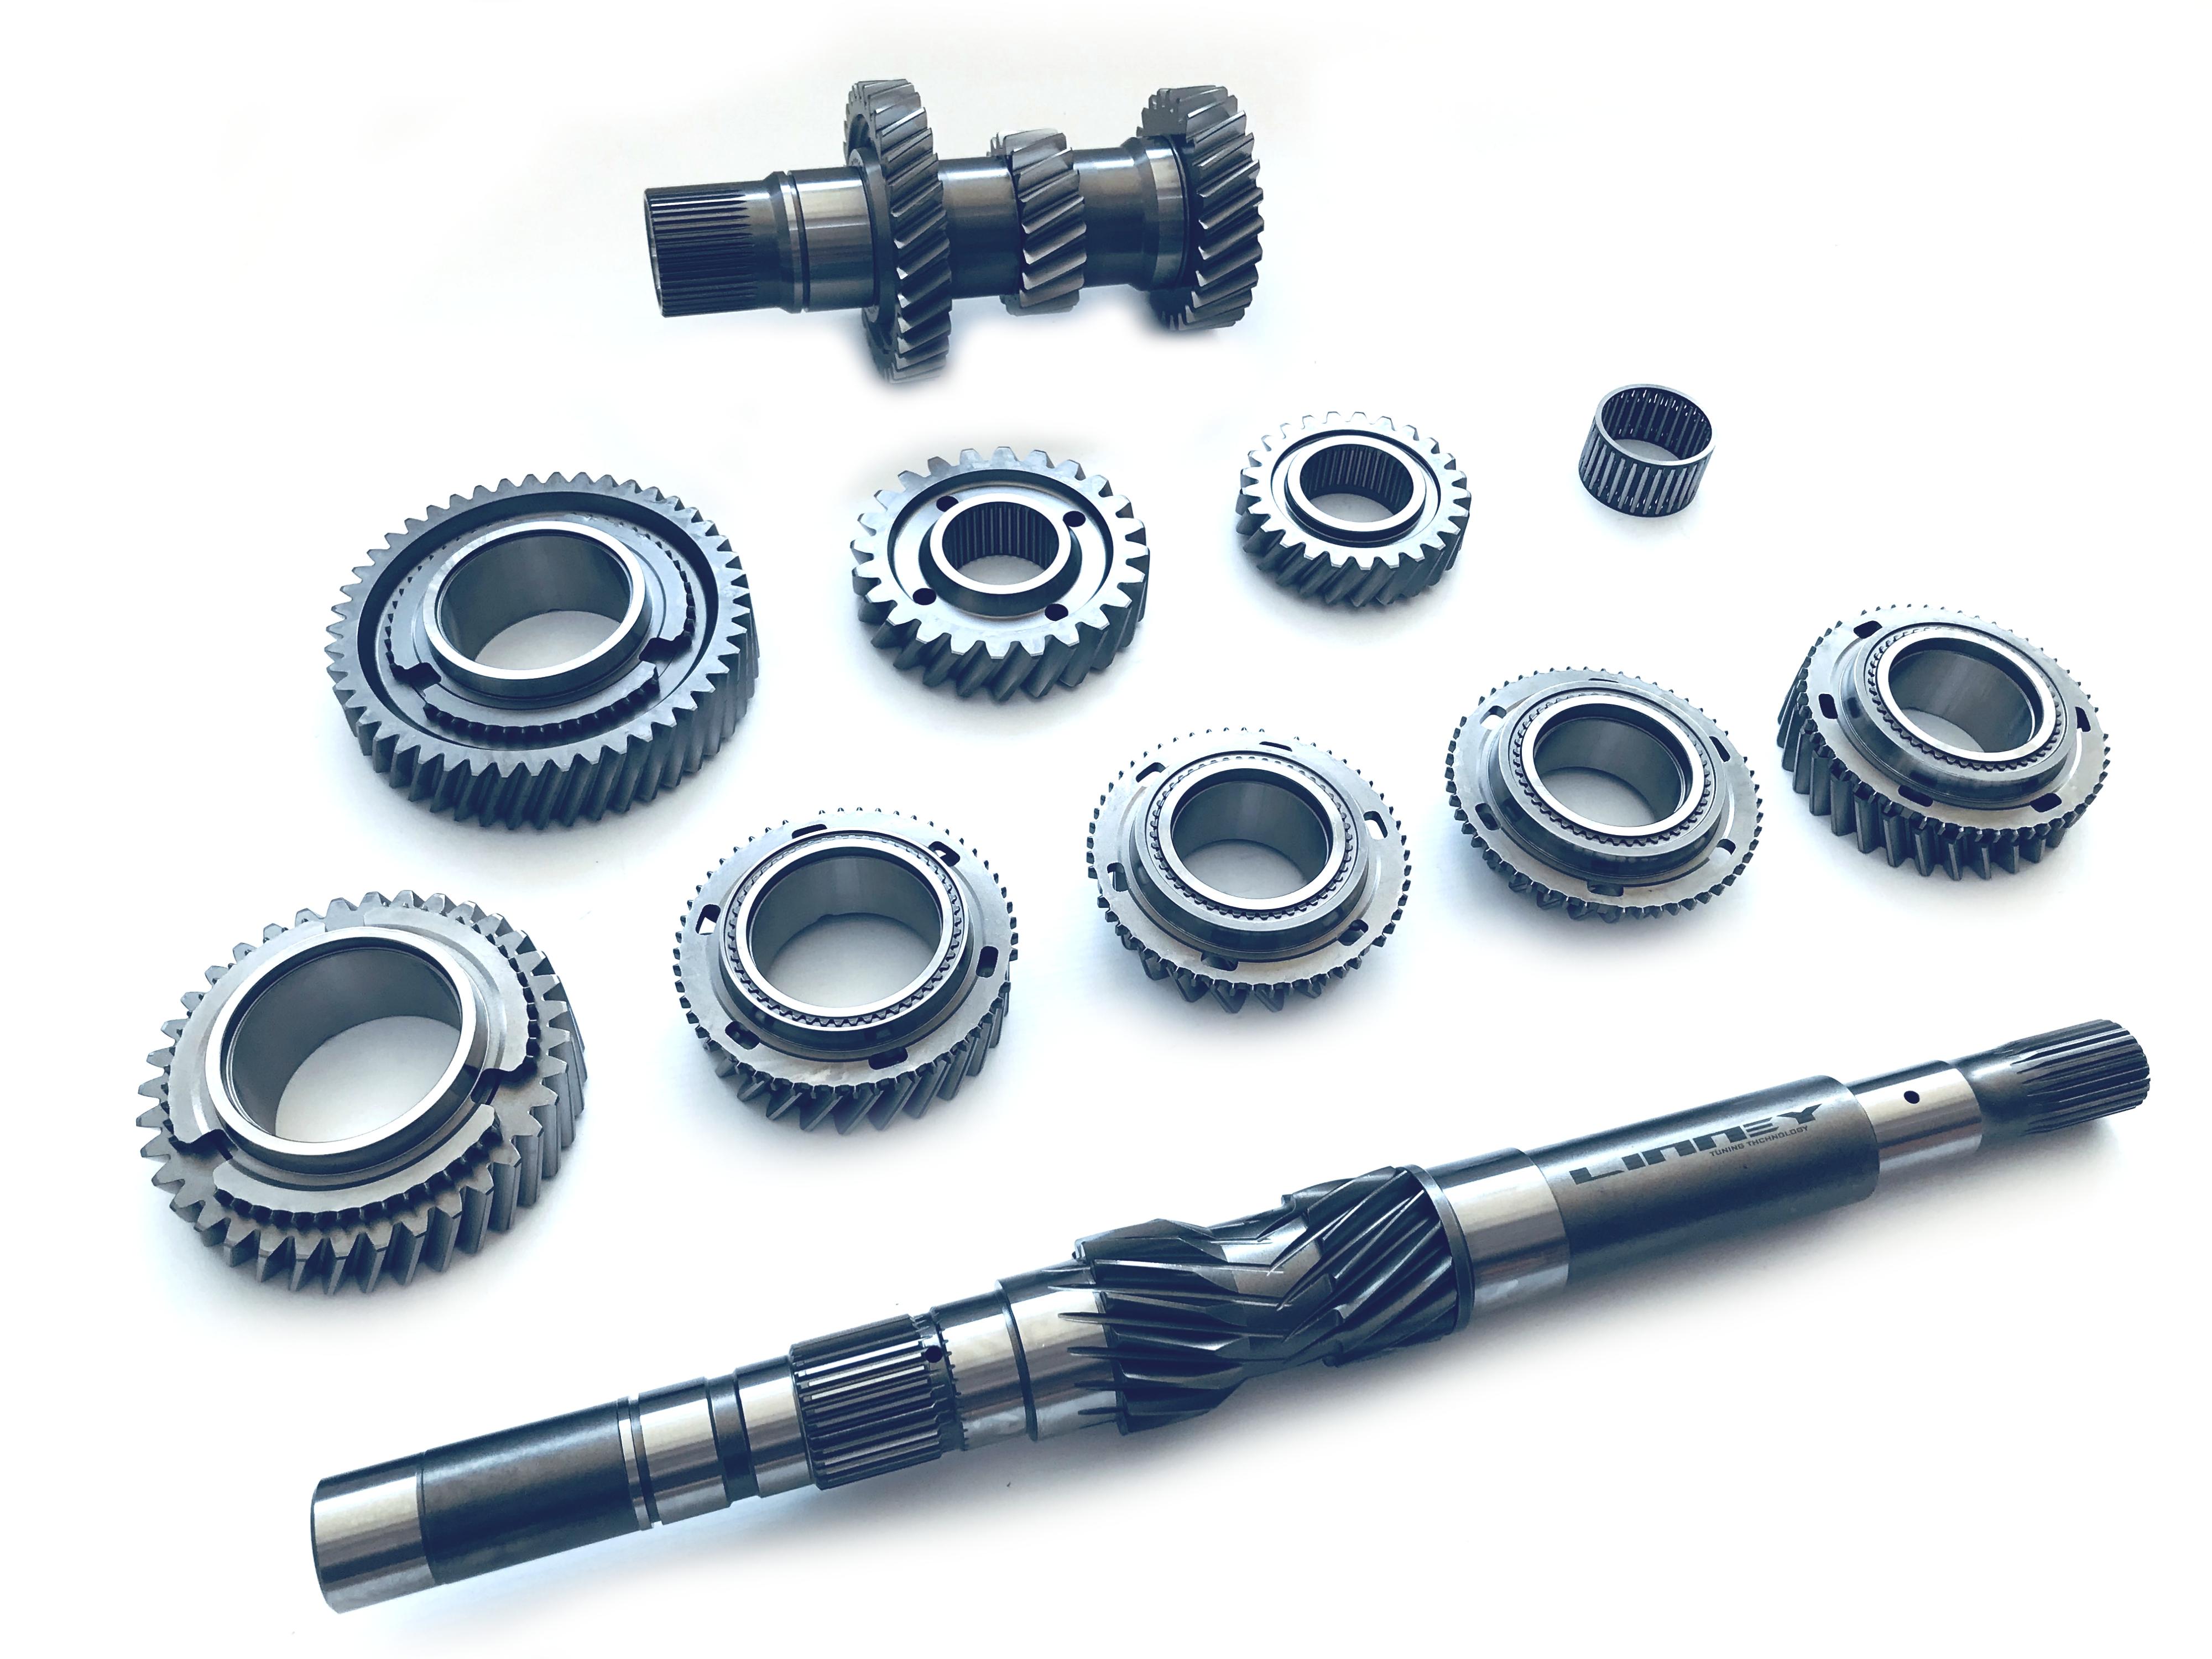 1-6 gears